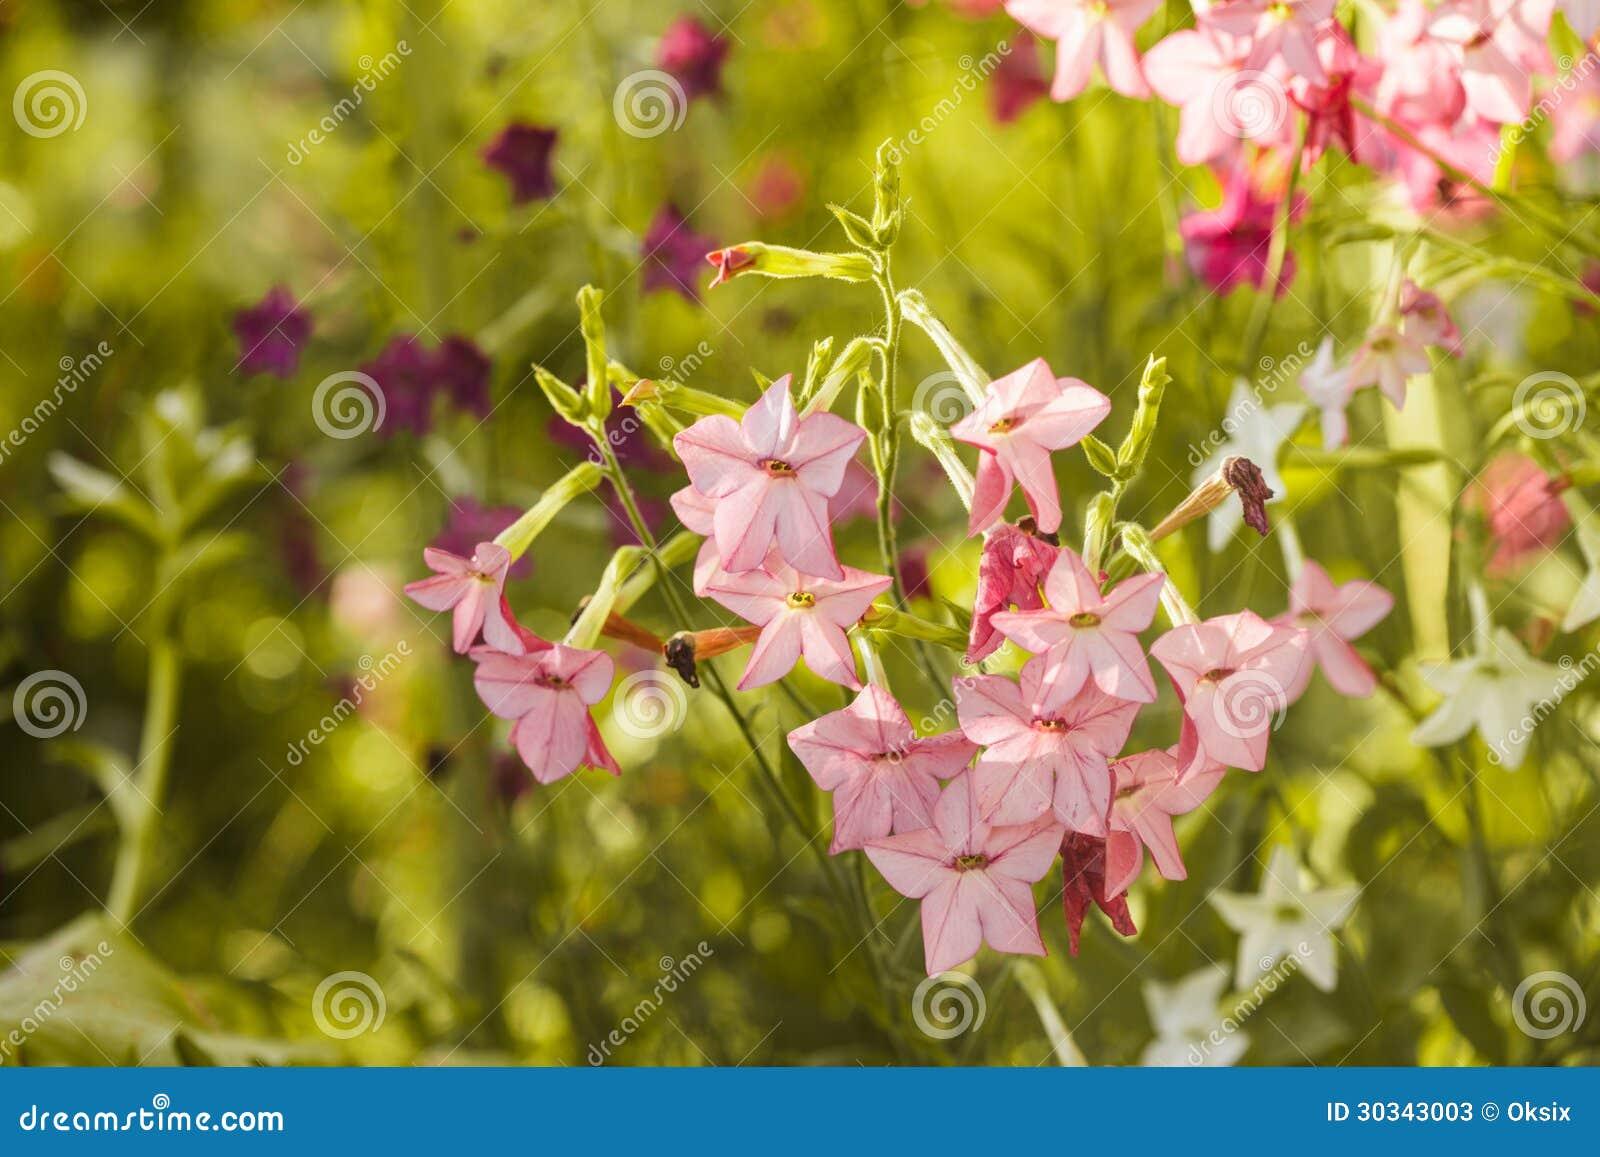 在花圃特写镜头的装饰烟草花.